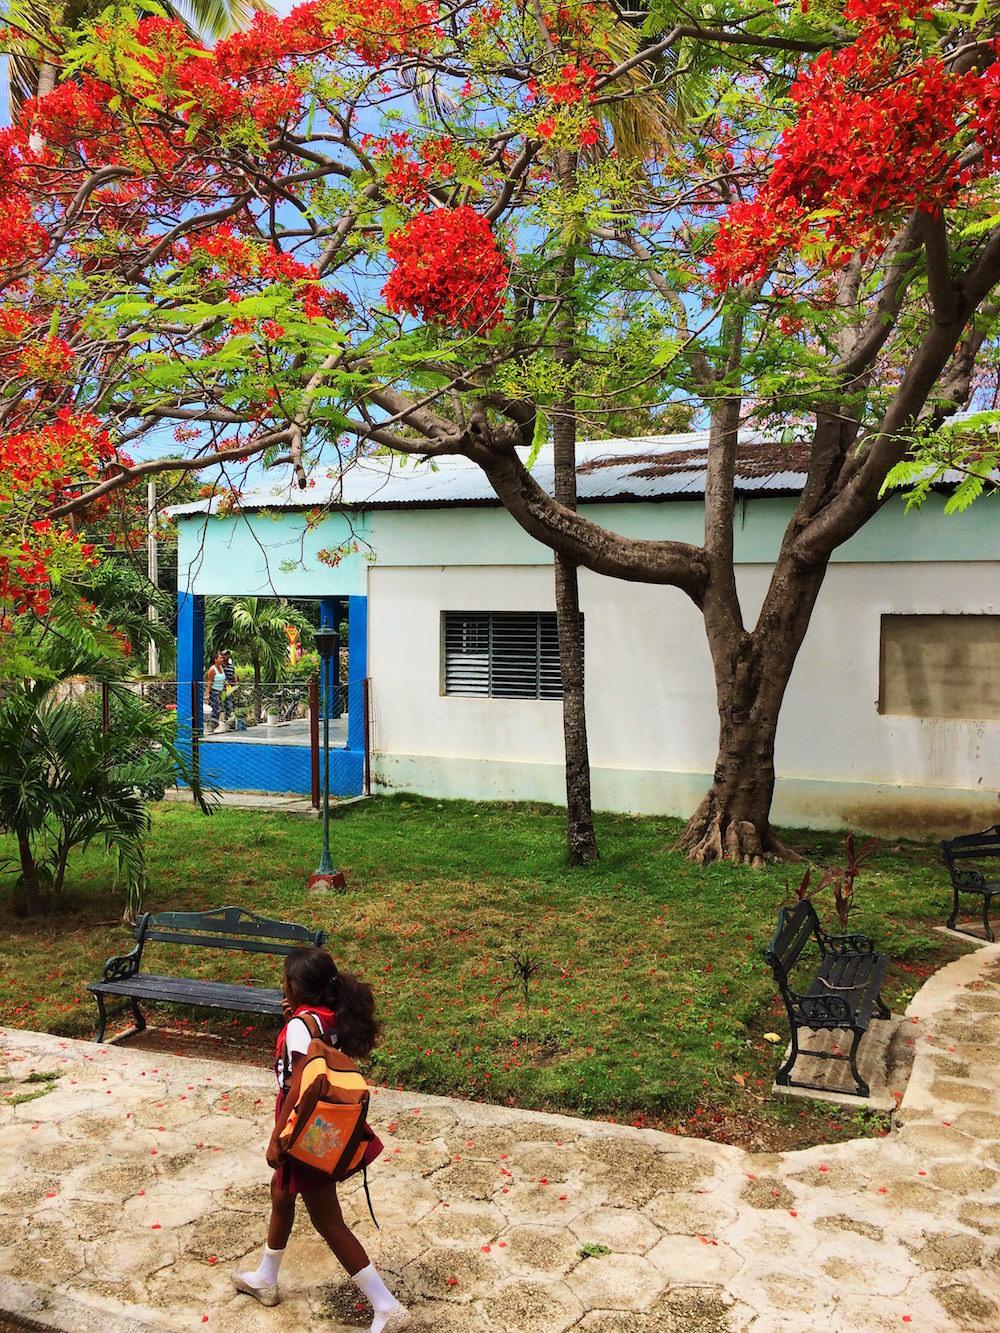 school girl in Cuba.JPG